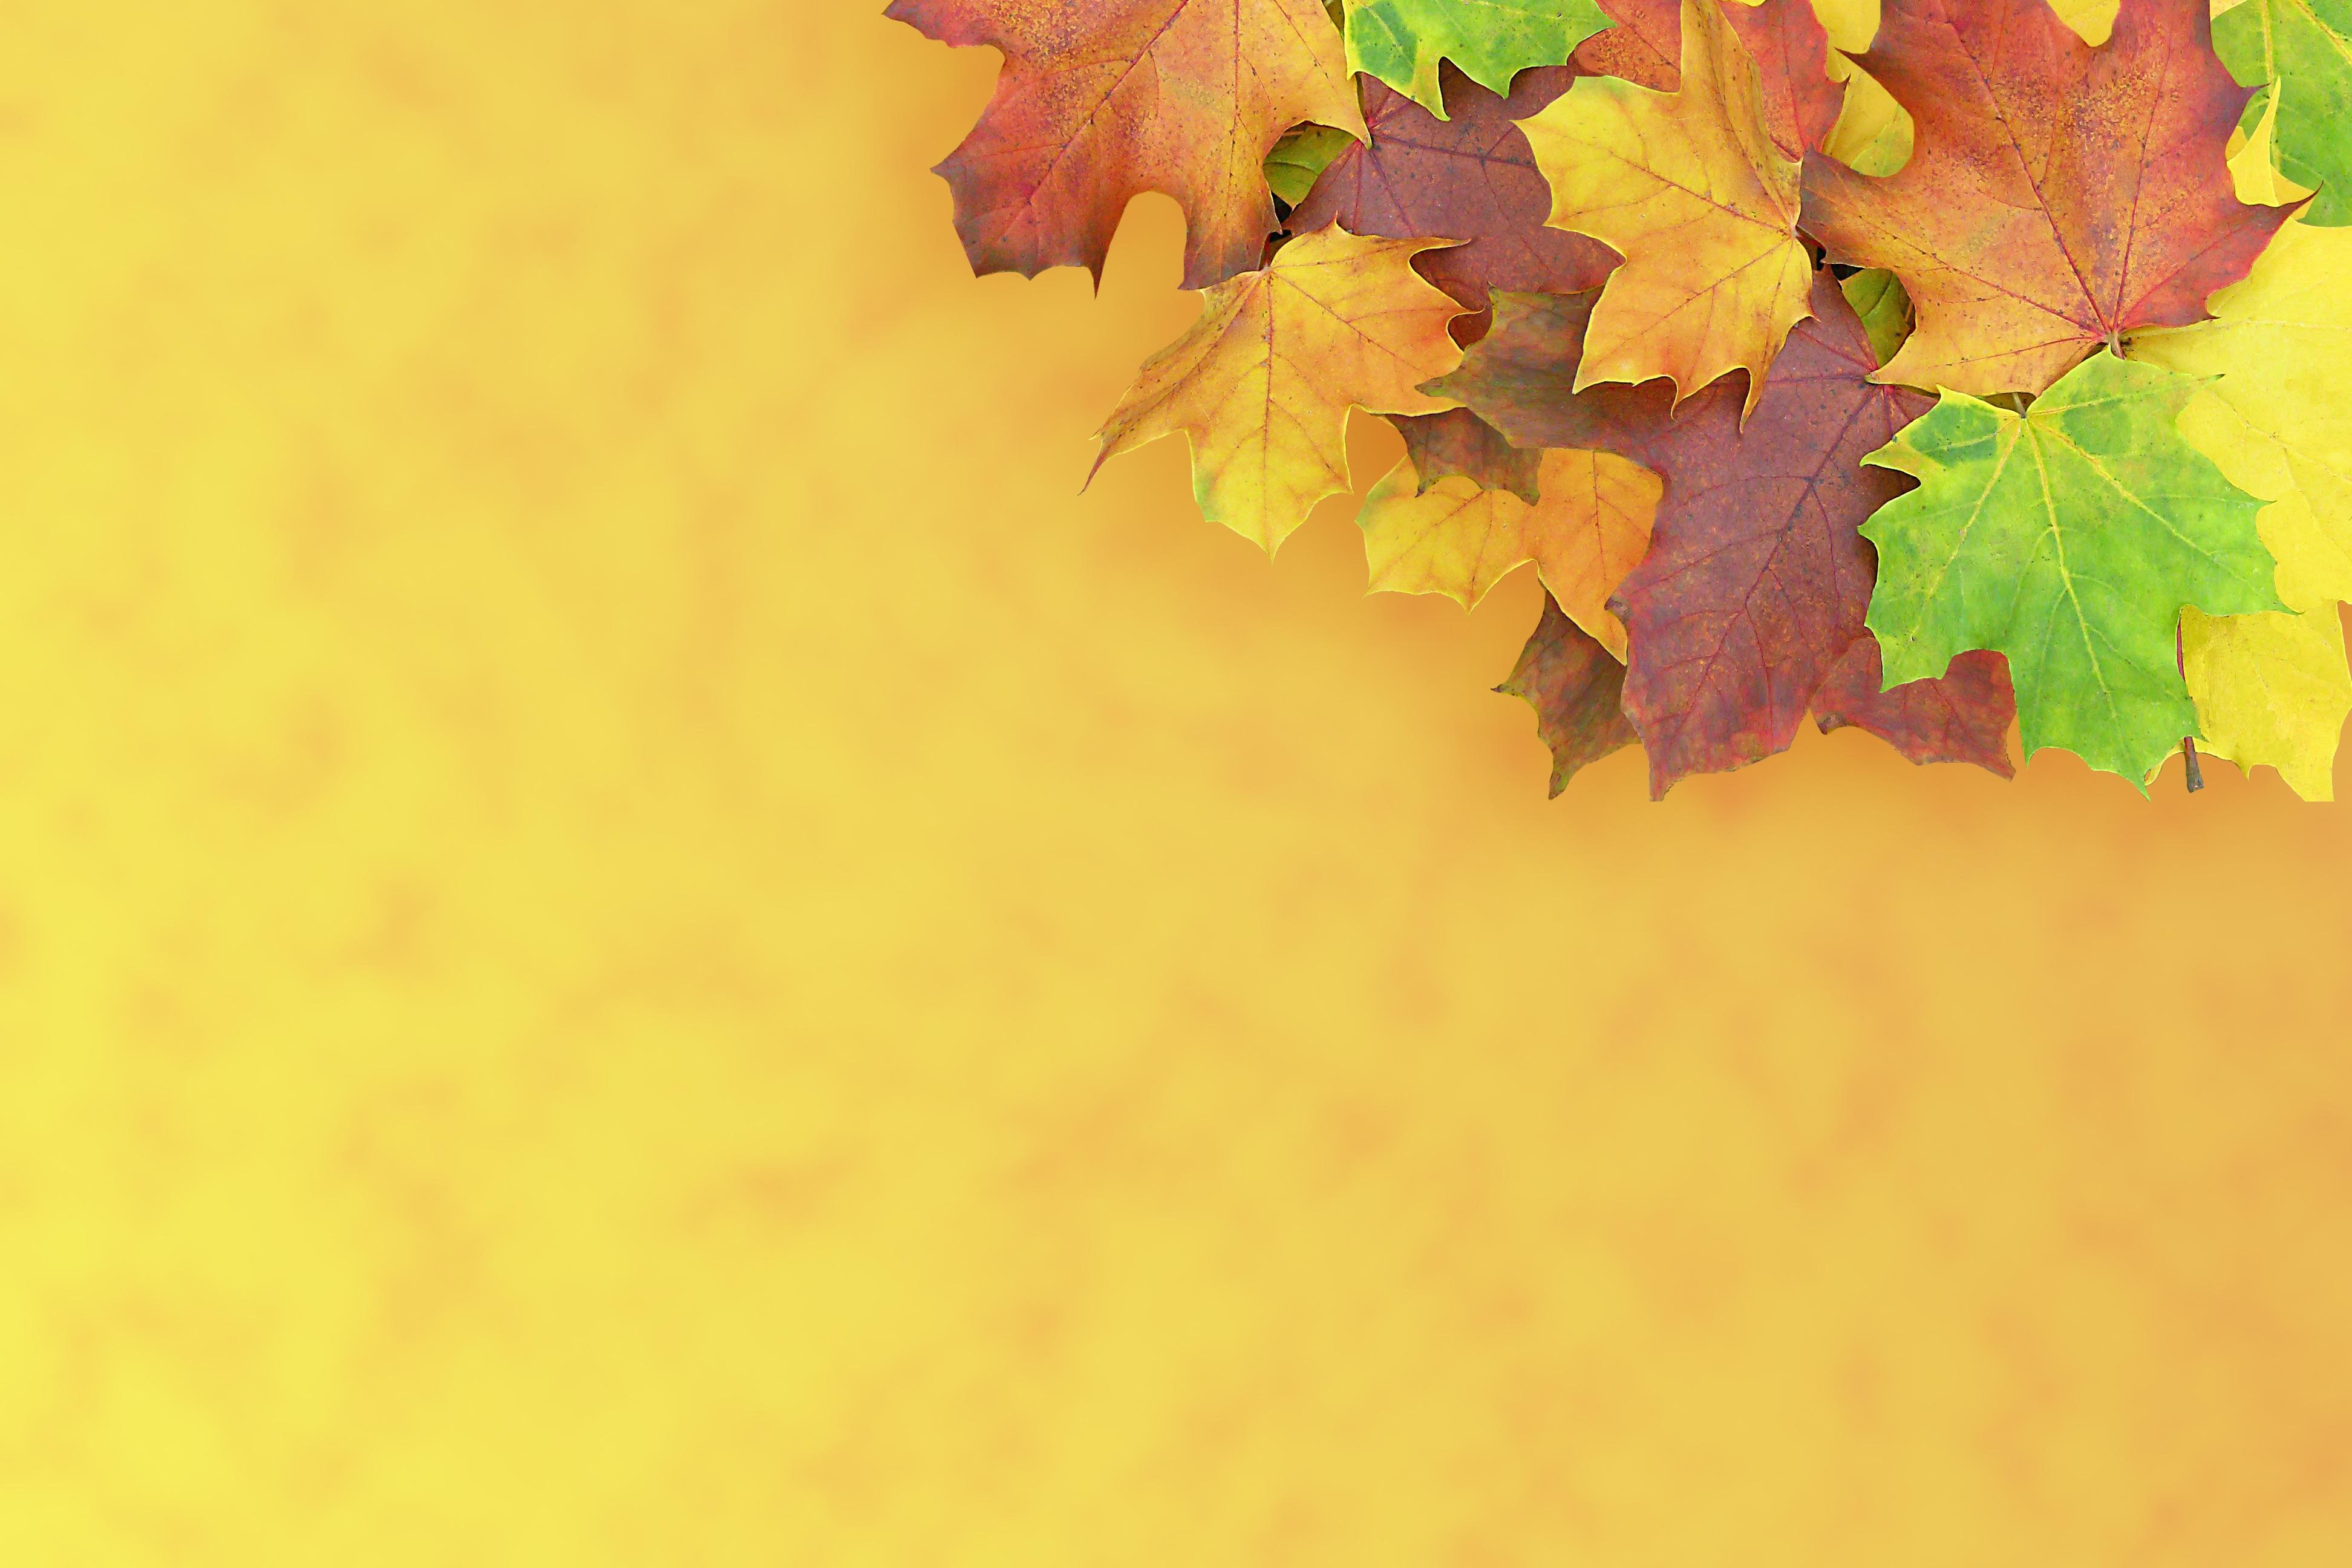 Стихи, картинки на презентацию осень